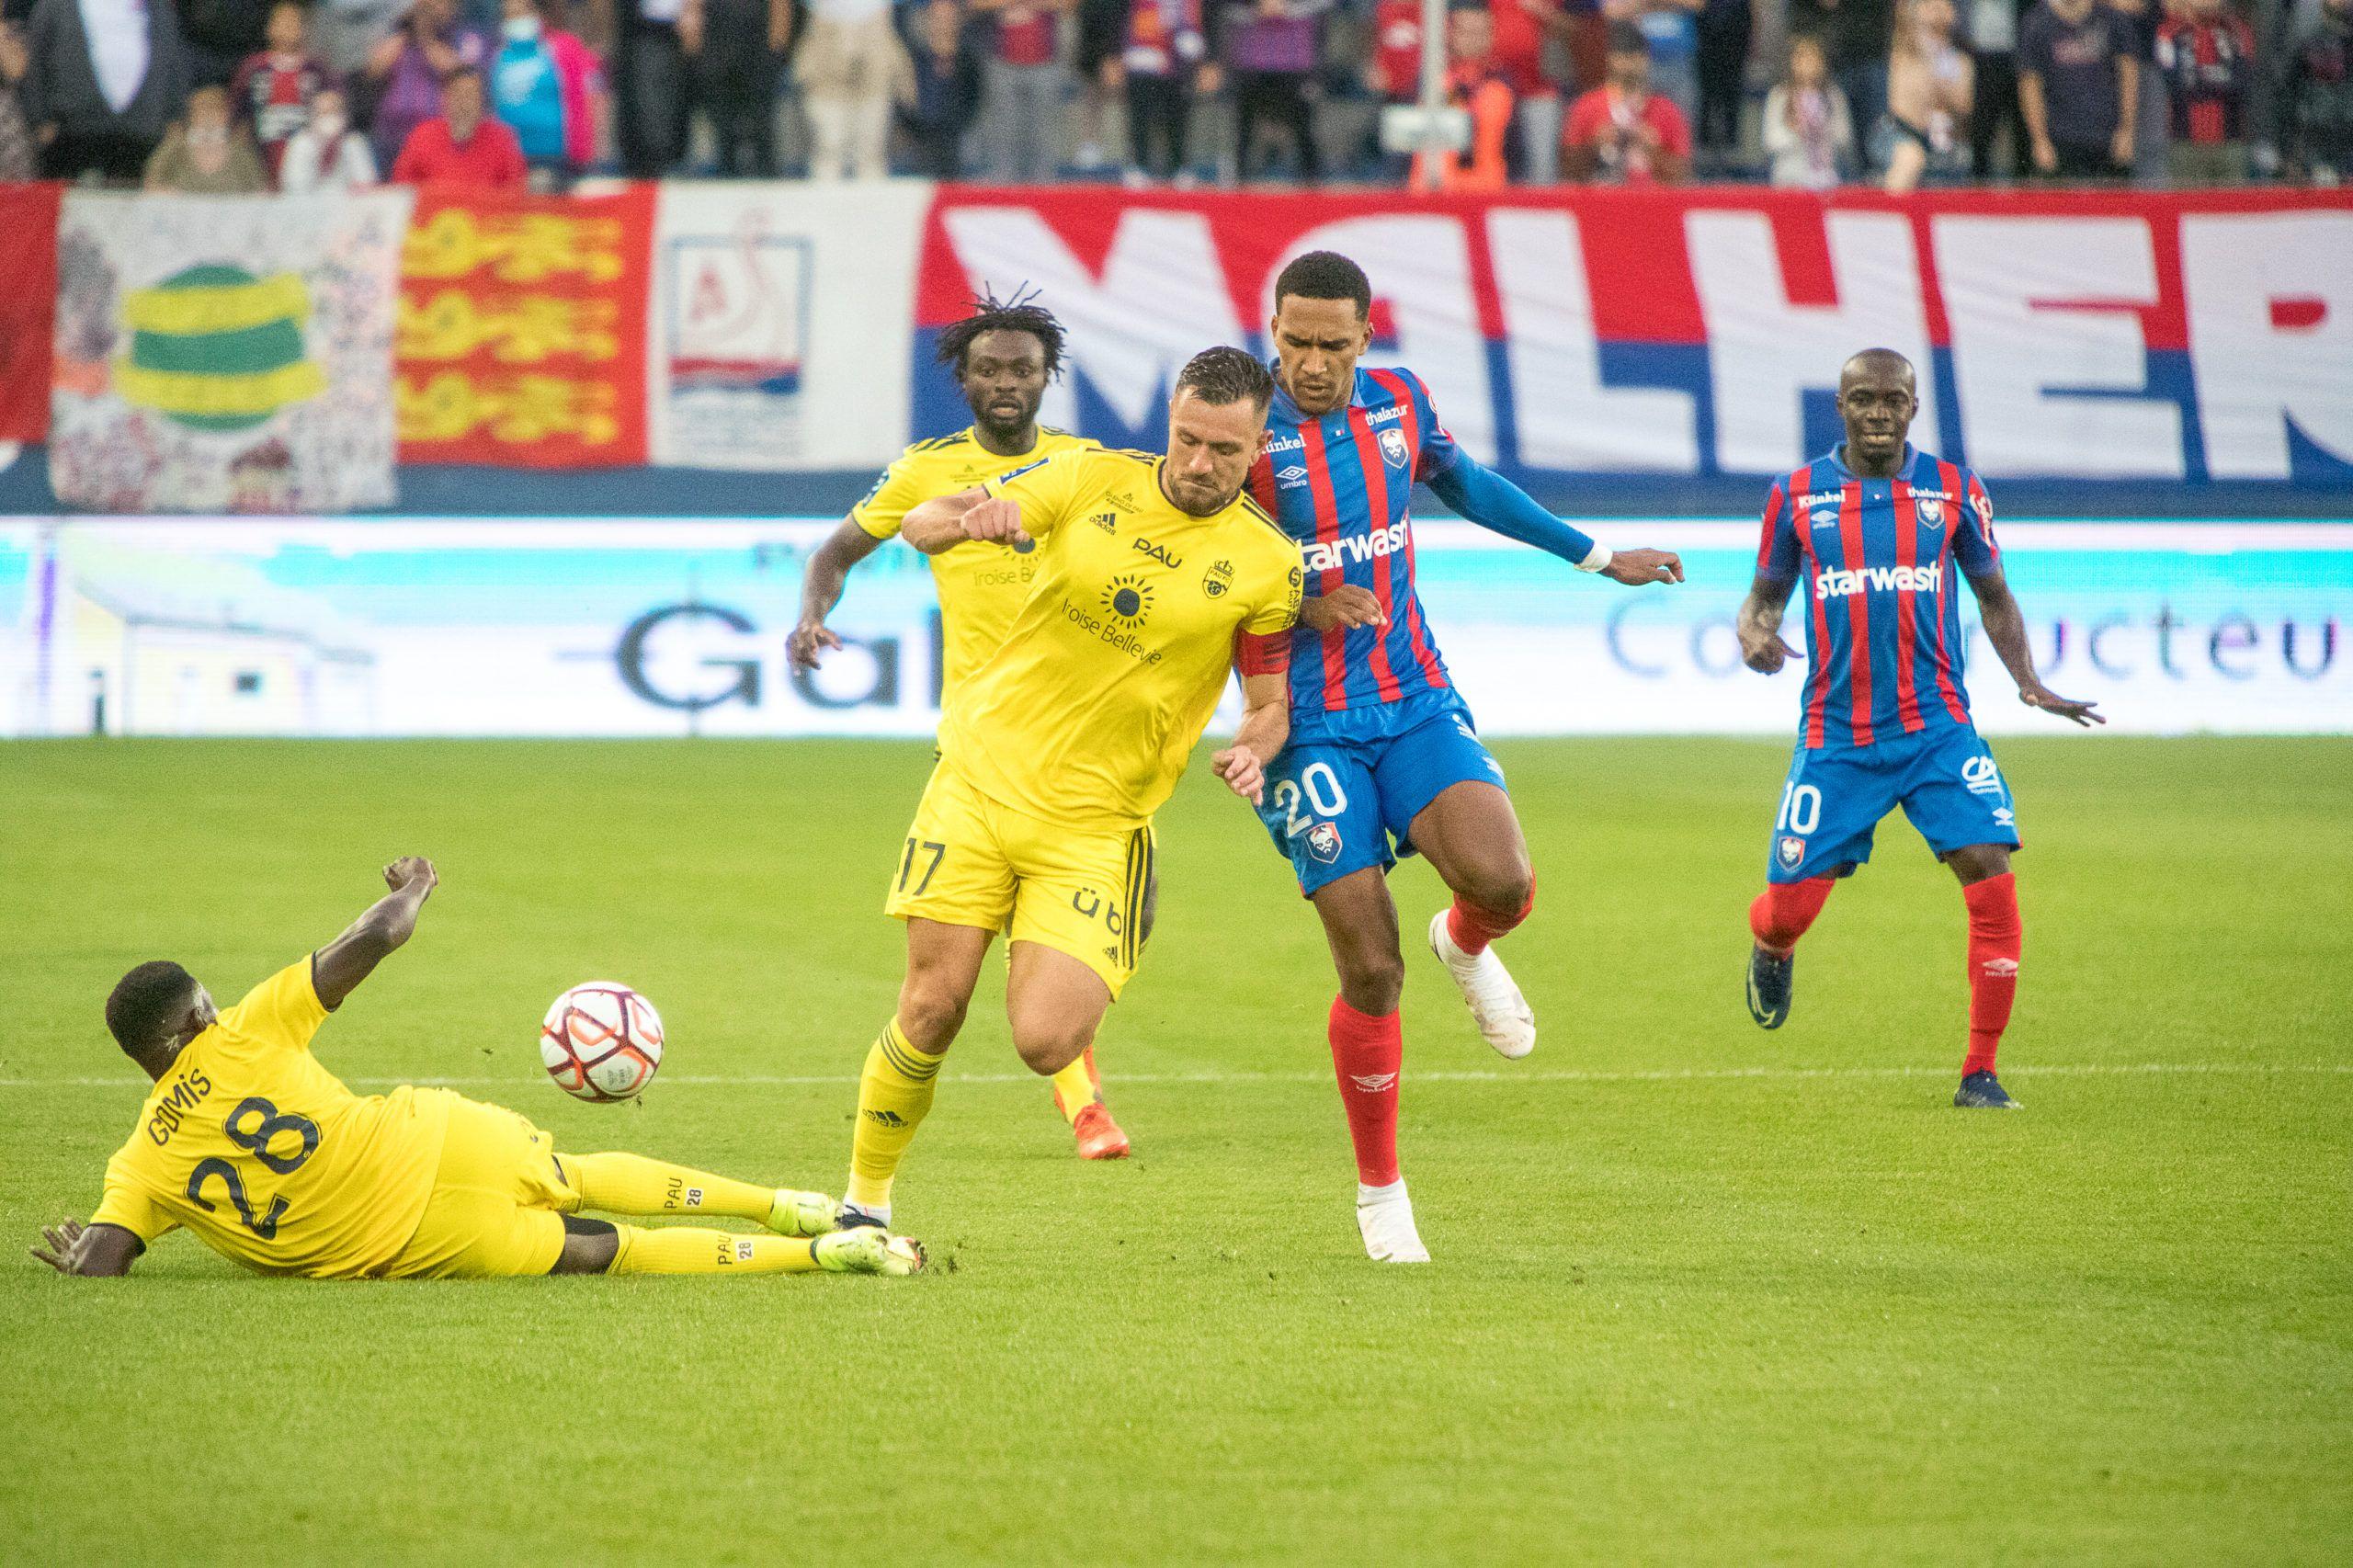 En manque de réalisme, le Stade Malherbe s'incline face à Pau (1-2)